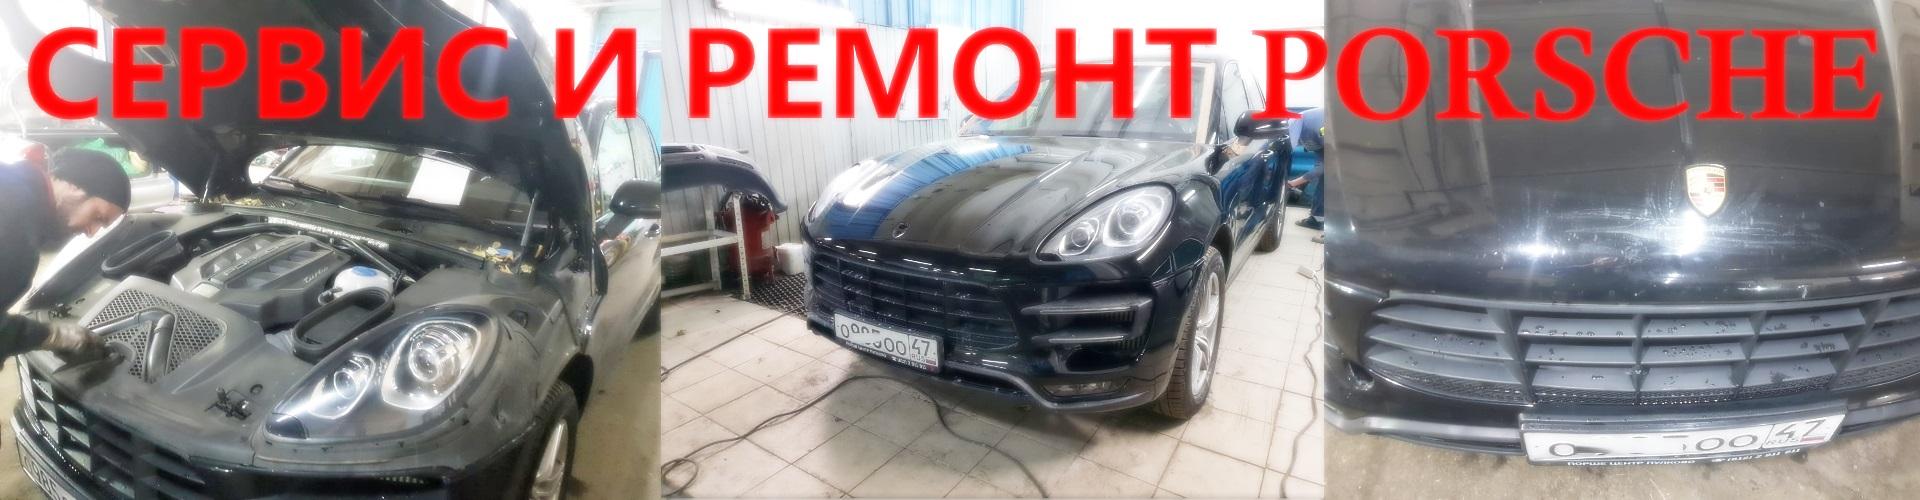 Сервис и ремонт Porsche в СПб